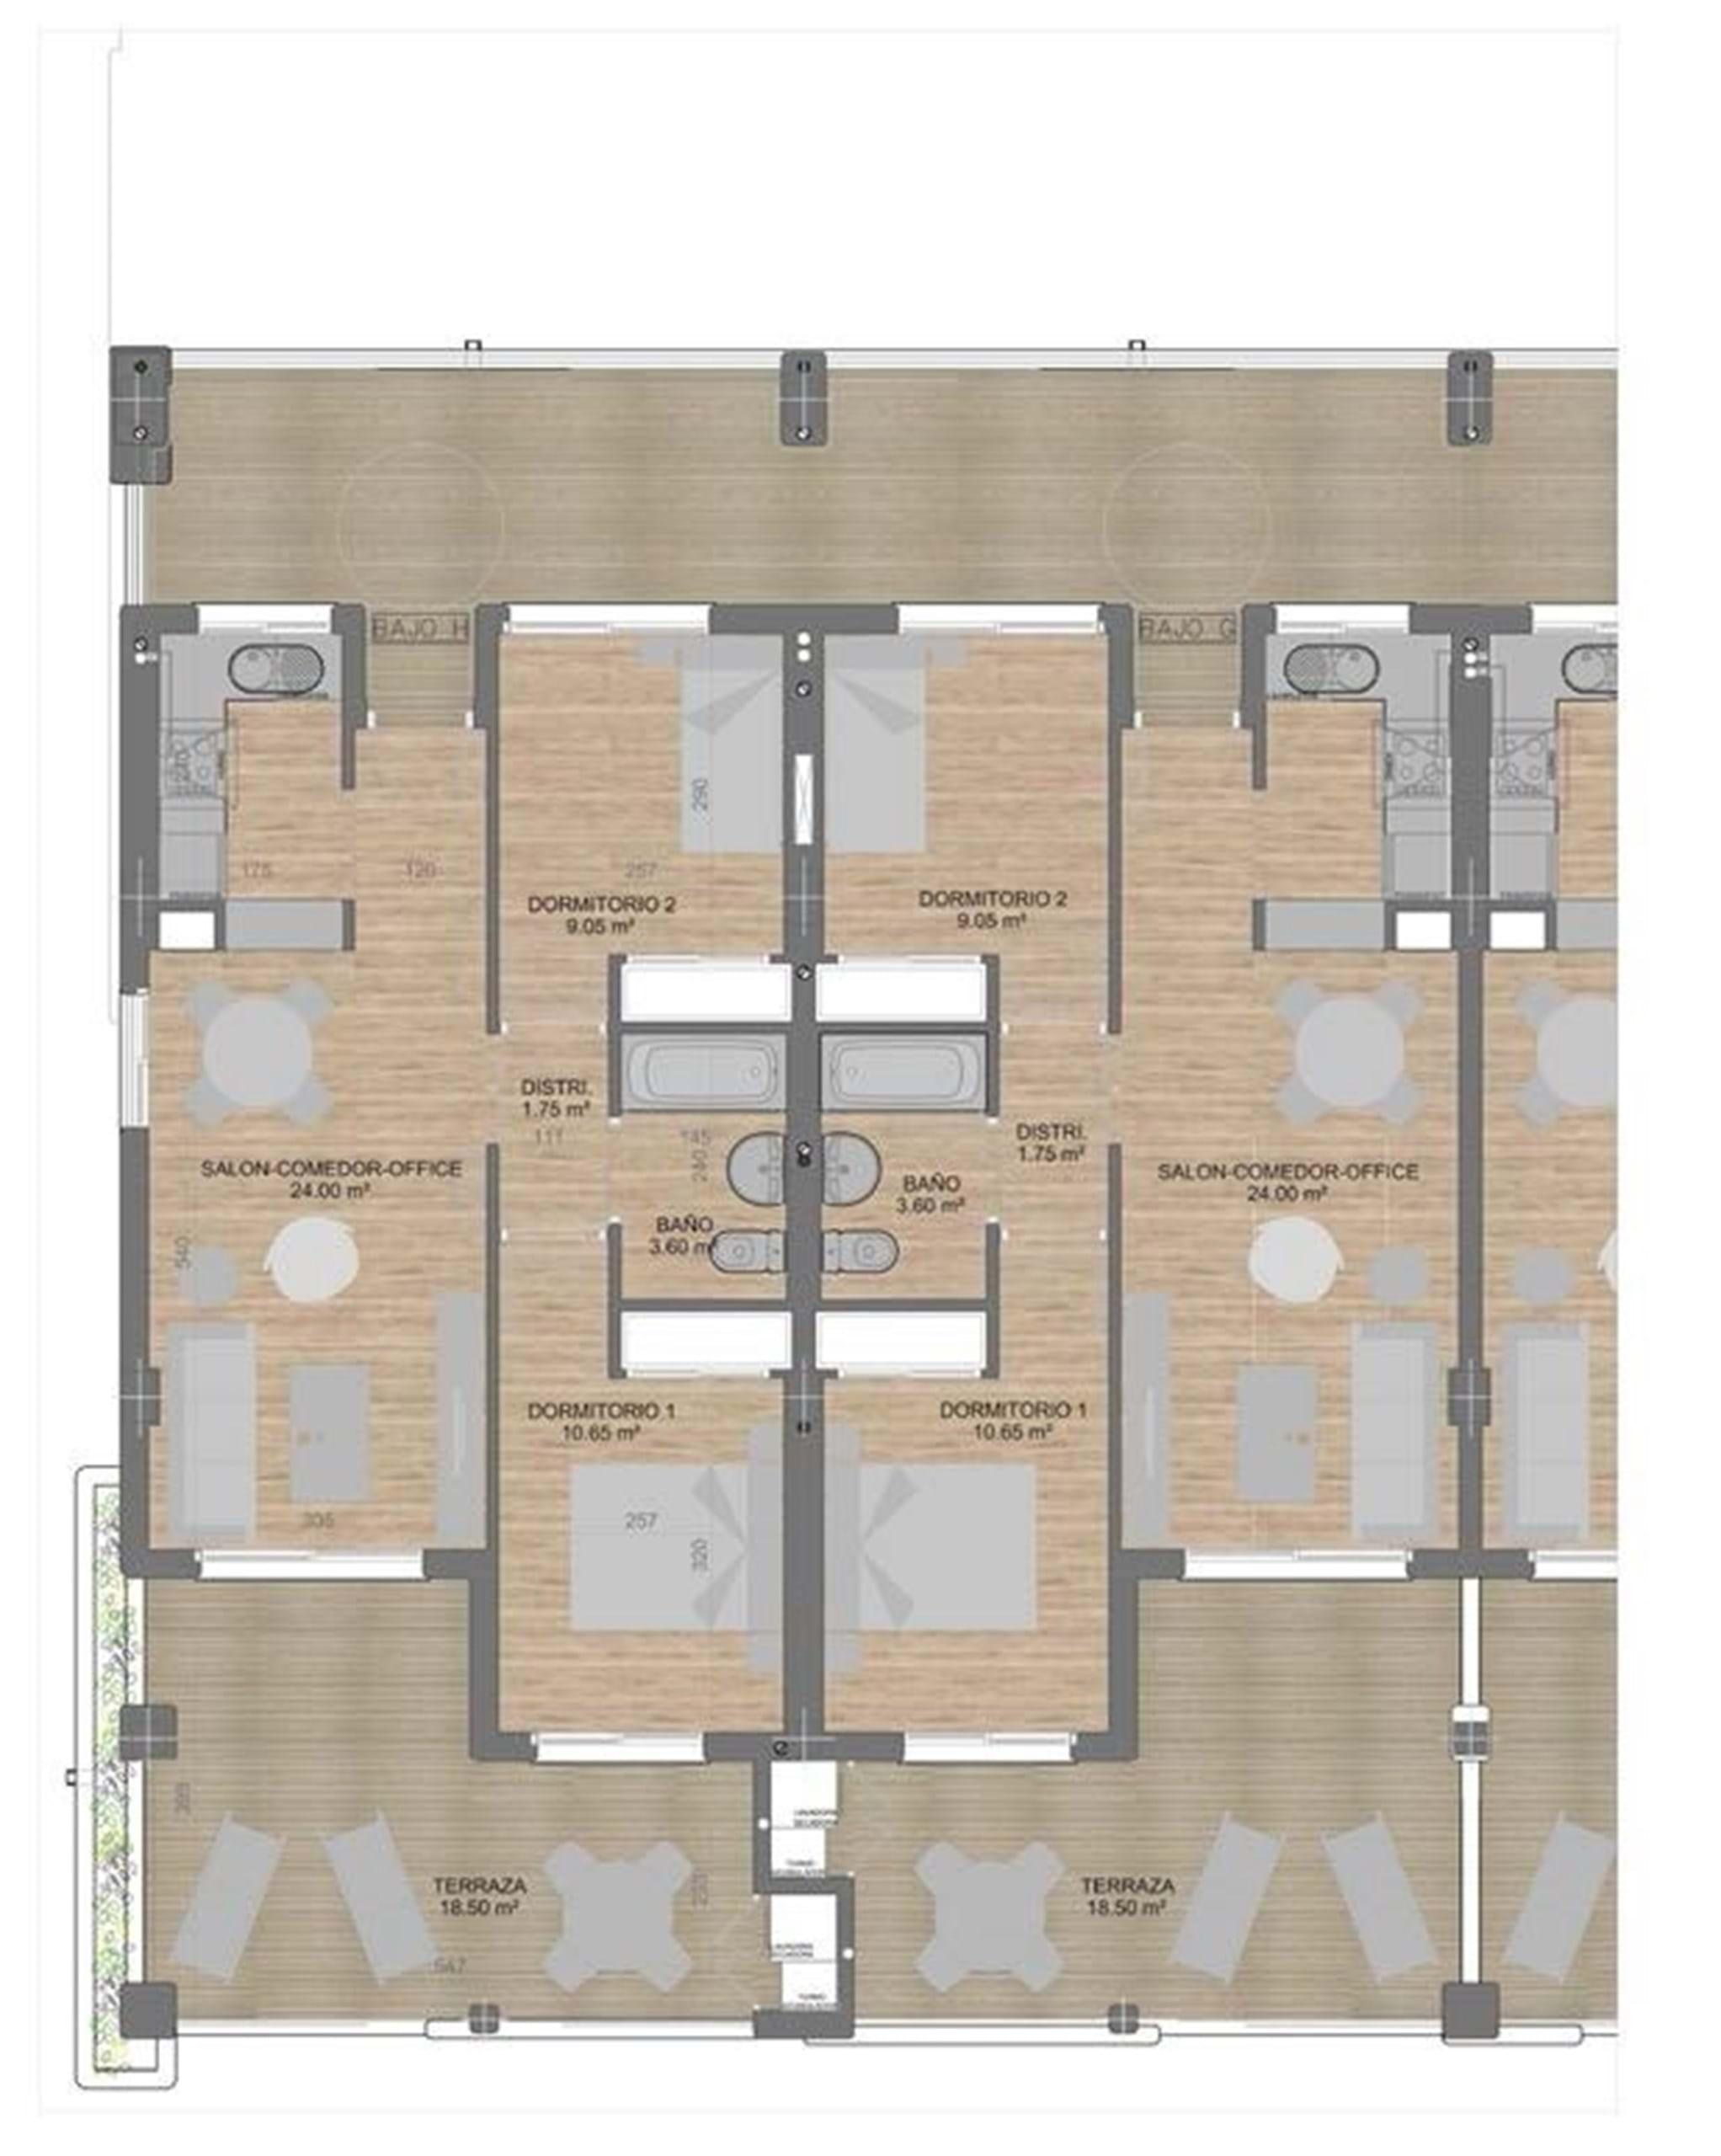 Lägenheter plan 2-3